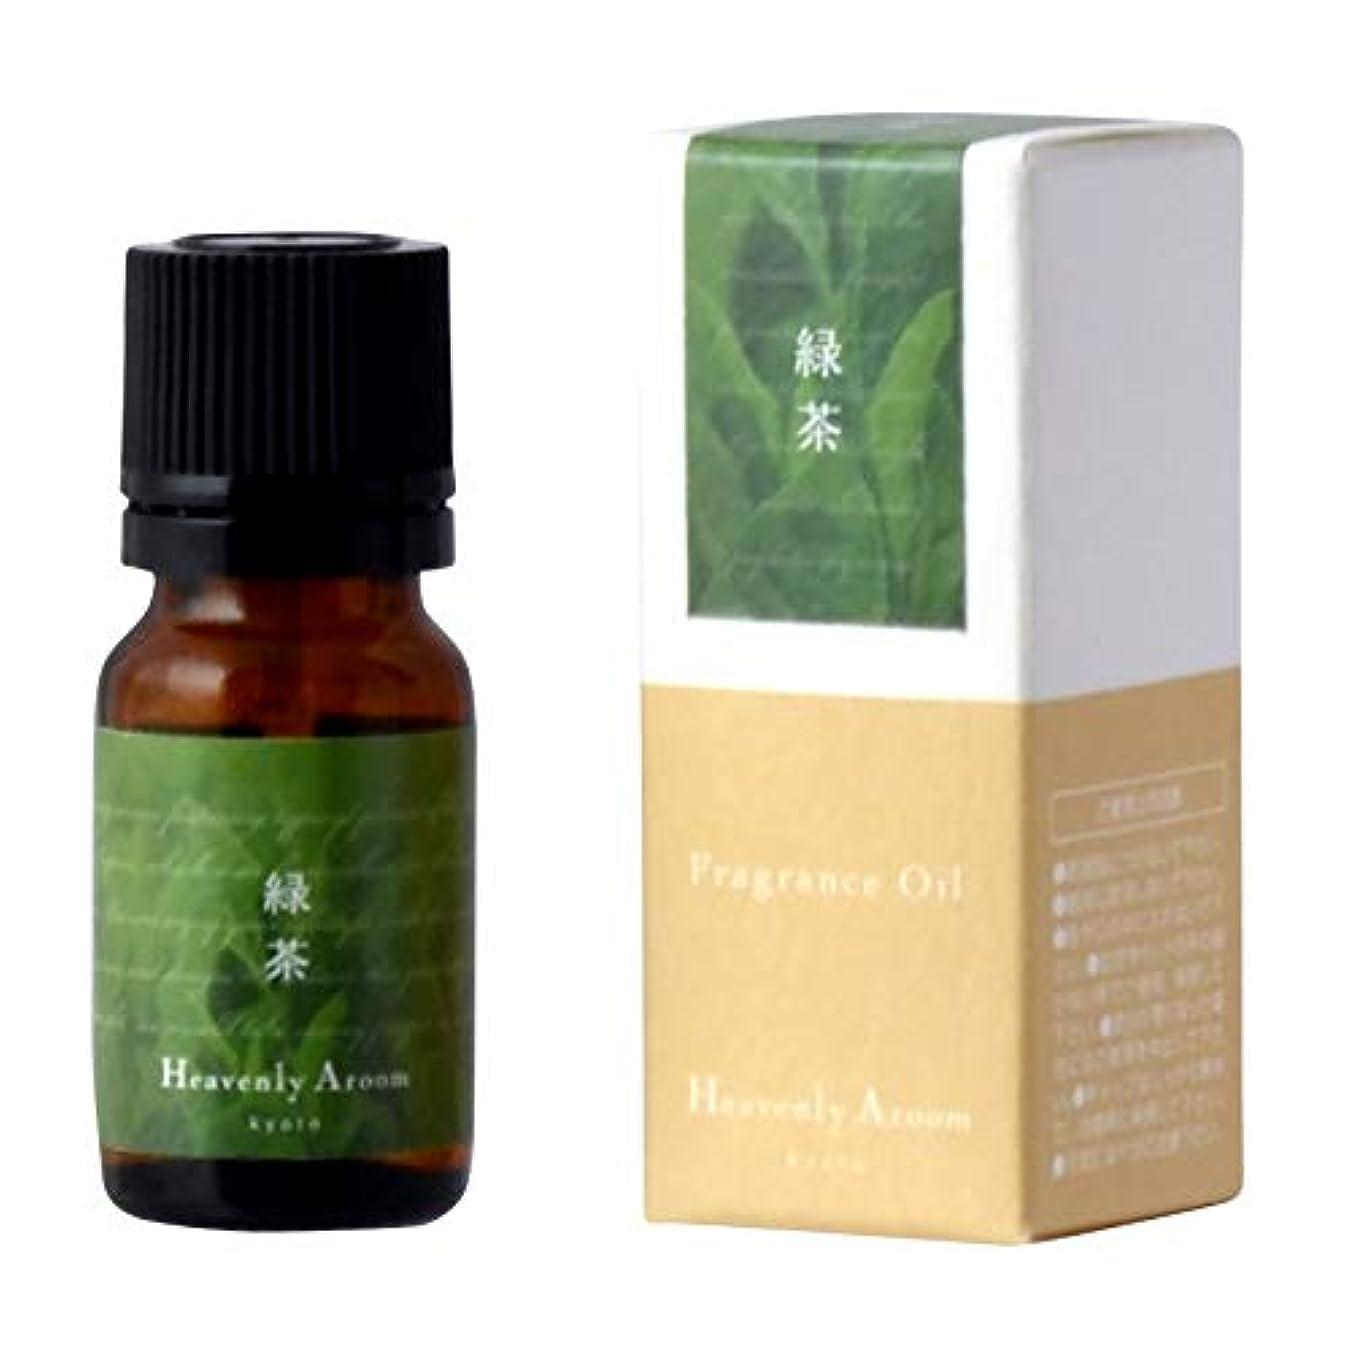 本気付録科学的Heavenly Aroom フレグランスオイル 緑茶 10ml